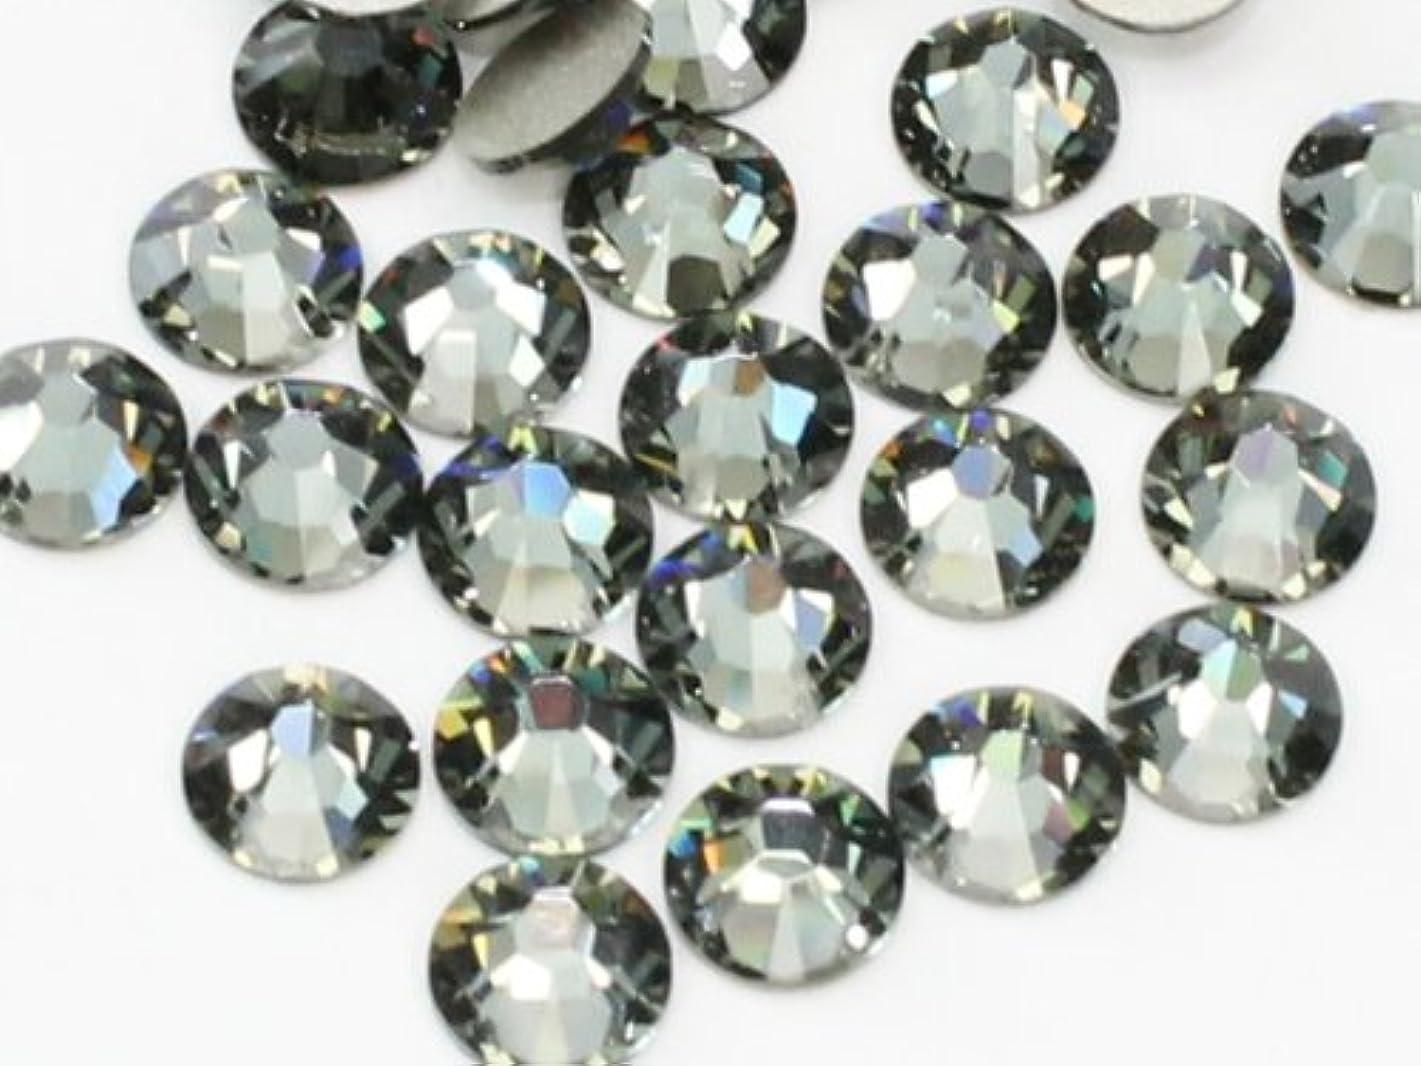 ブレイズ落ちたインチ2058ブラックダイヤモンドss16(100粒入り)スワロフスキーラインストーン(nohotfix)